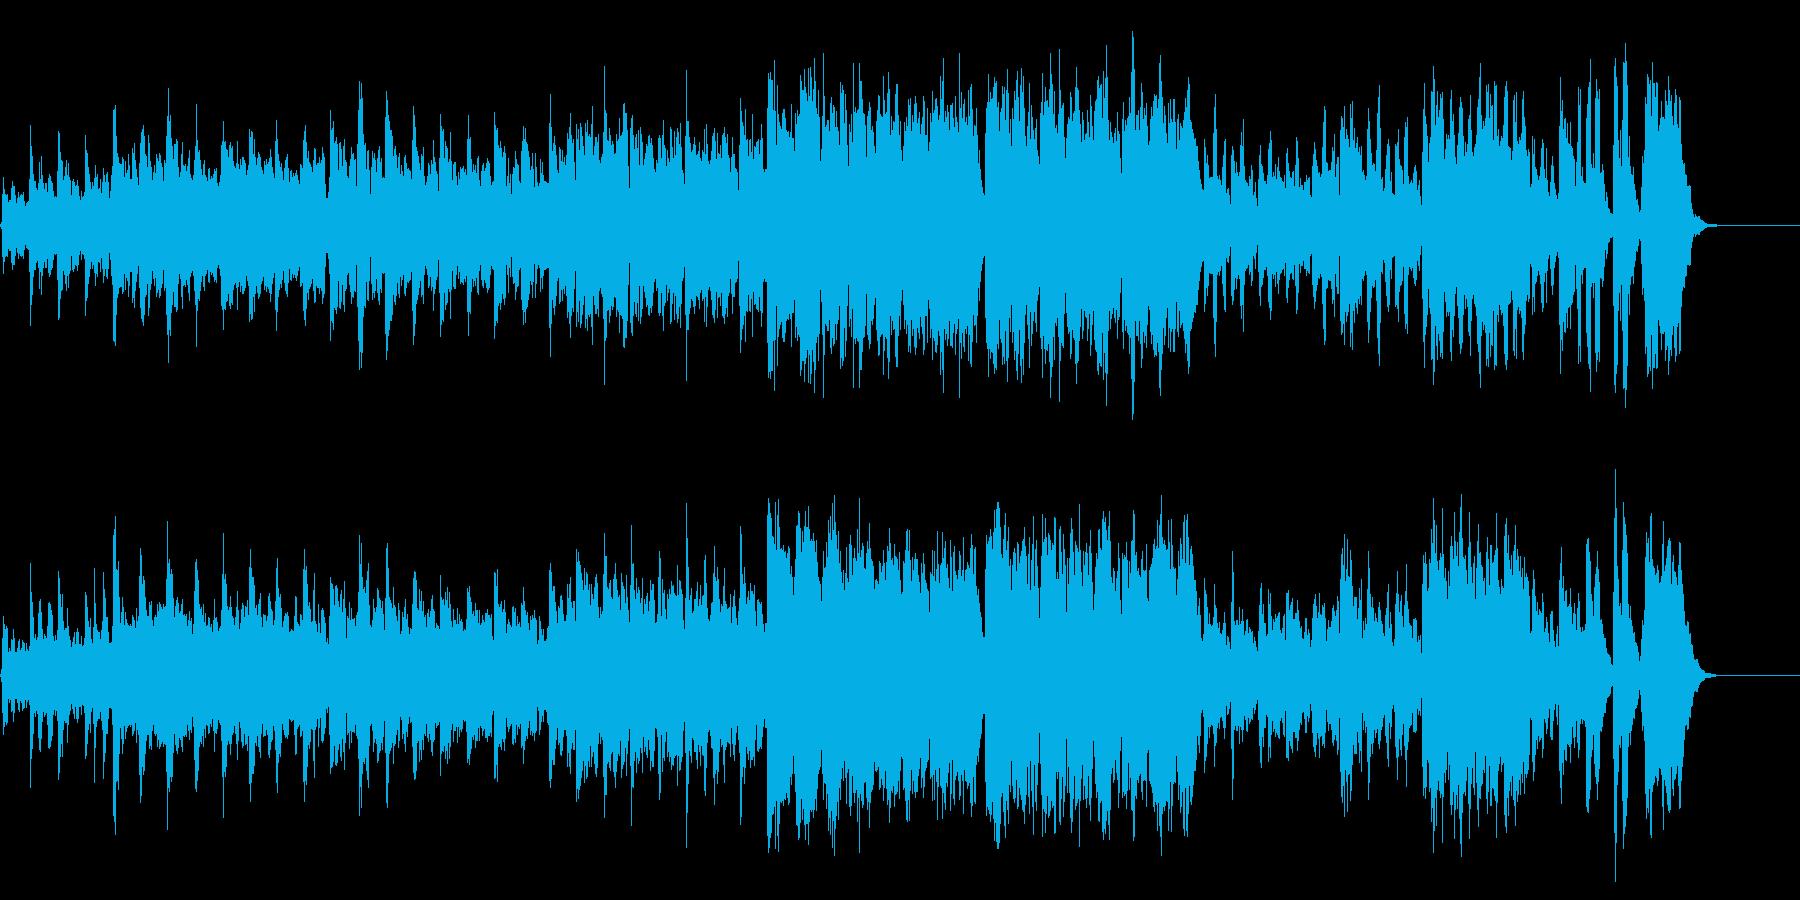 ミステリアスで重いクラシックワルツの再生済みの波形